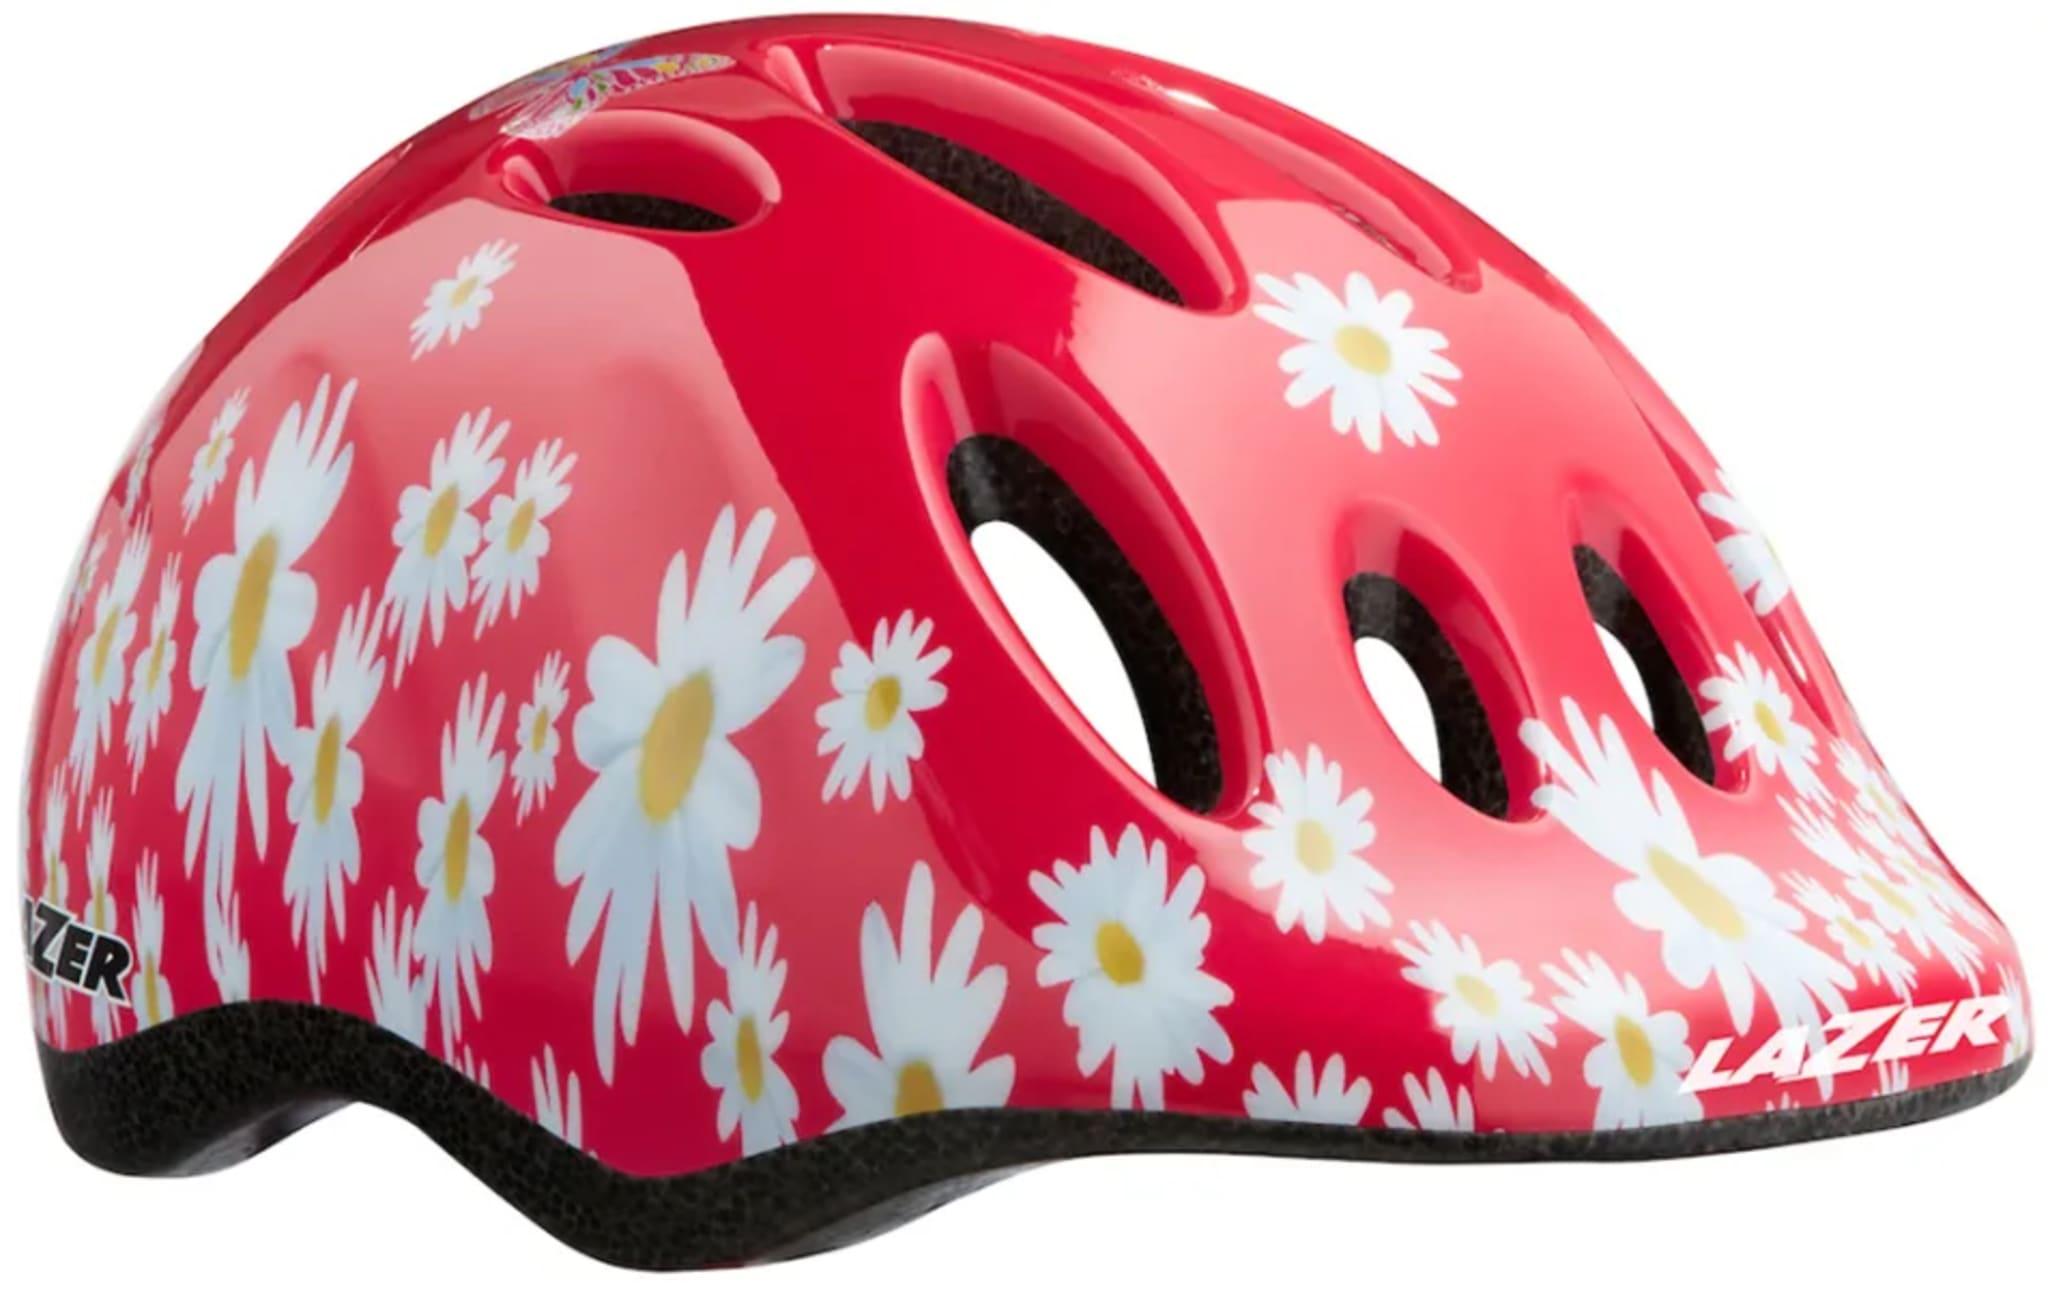 Lazer Max+-hjelmen er kjent for sikkerheten, og nå er den i tillegg oppgradert med et enklere justeringssystem.